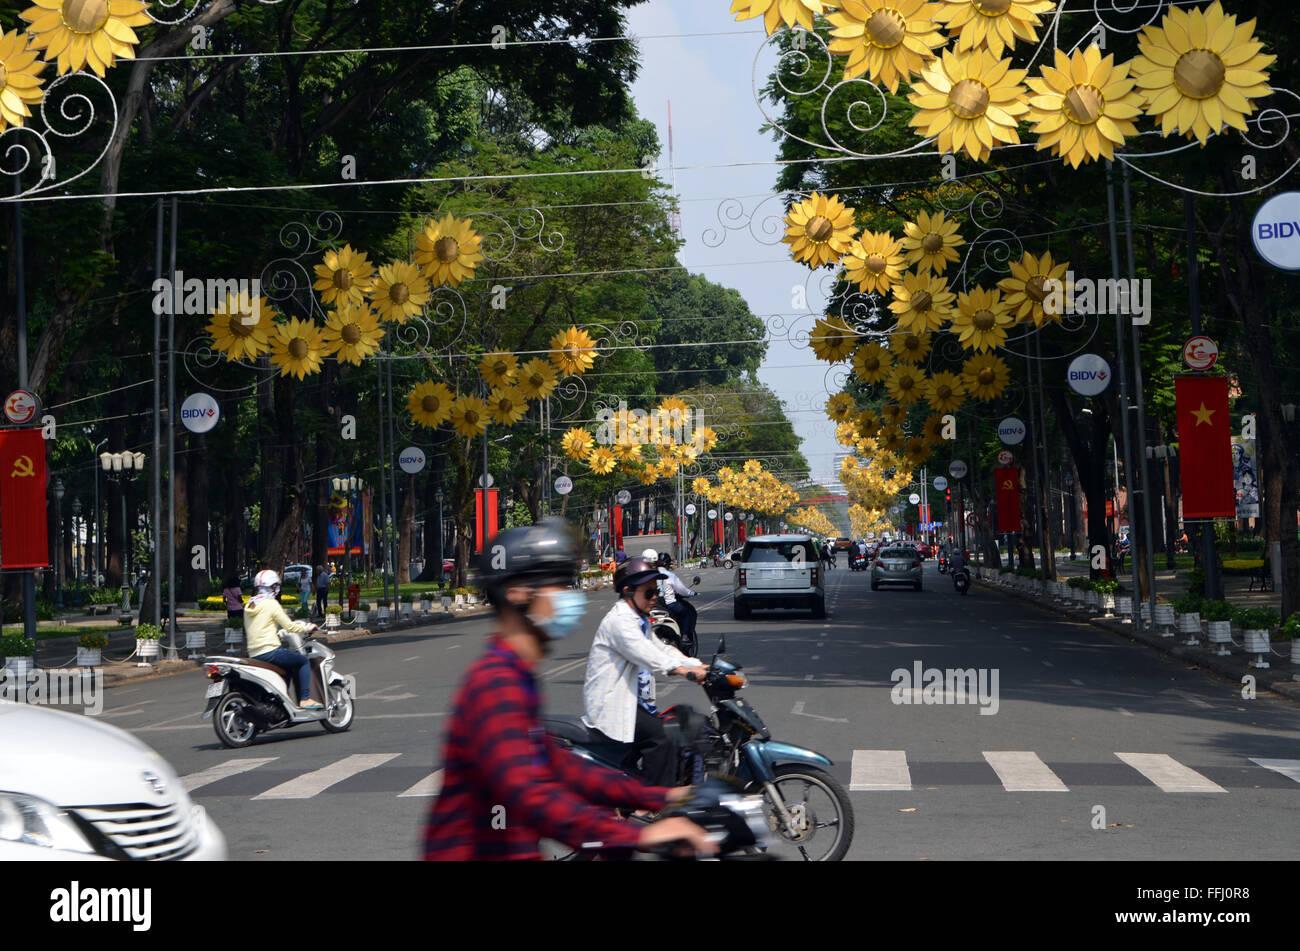 Saigon, VietNam.Les rues gaiement couvertes de bunting, drapeaux, et ces fleurs comme les gens se déplacer dans onmotor smallcars et vélos Banque D'Images